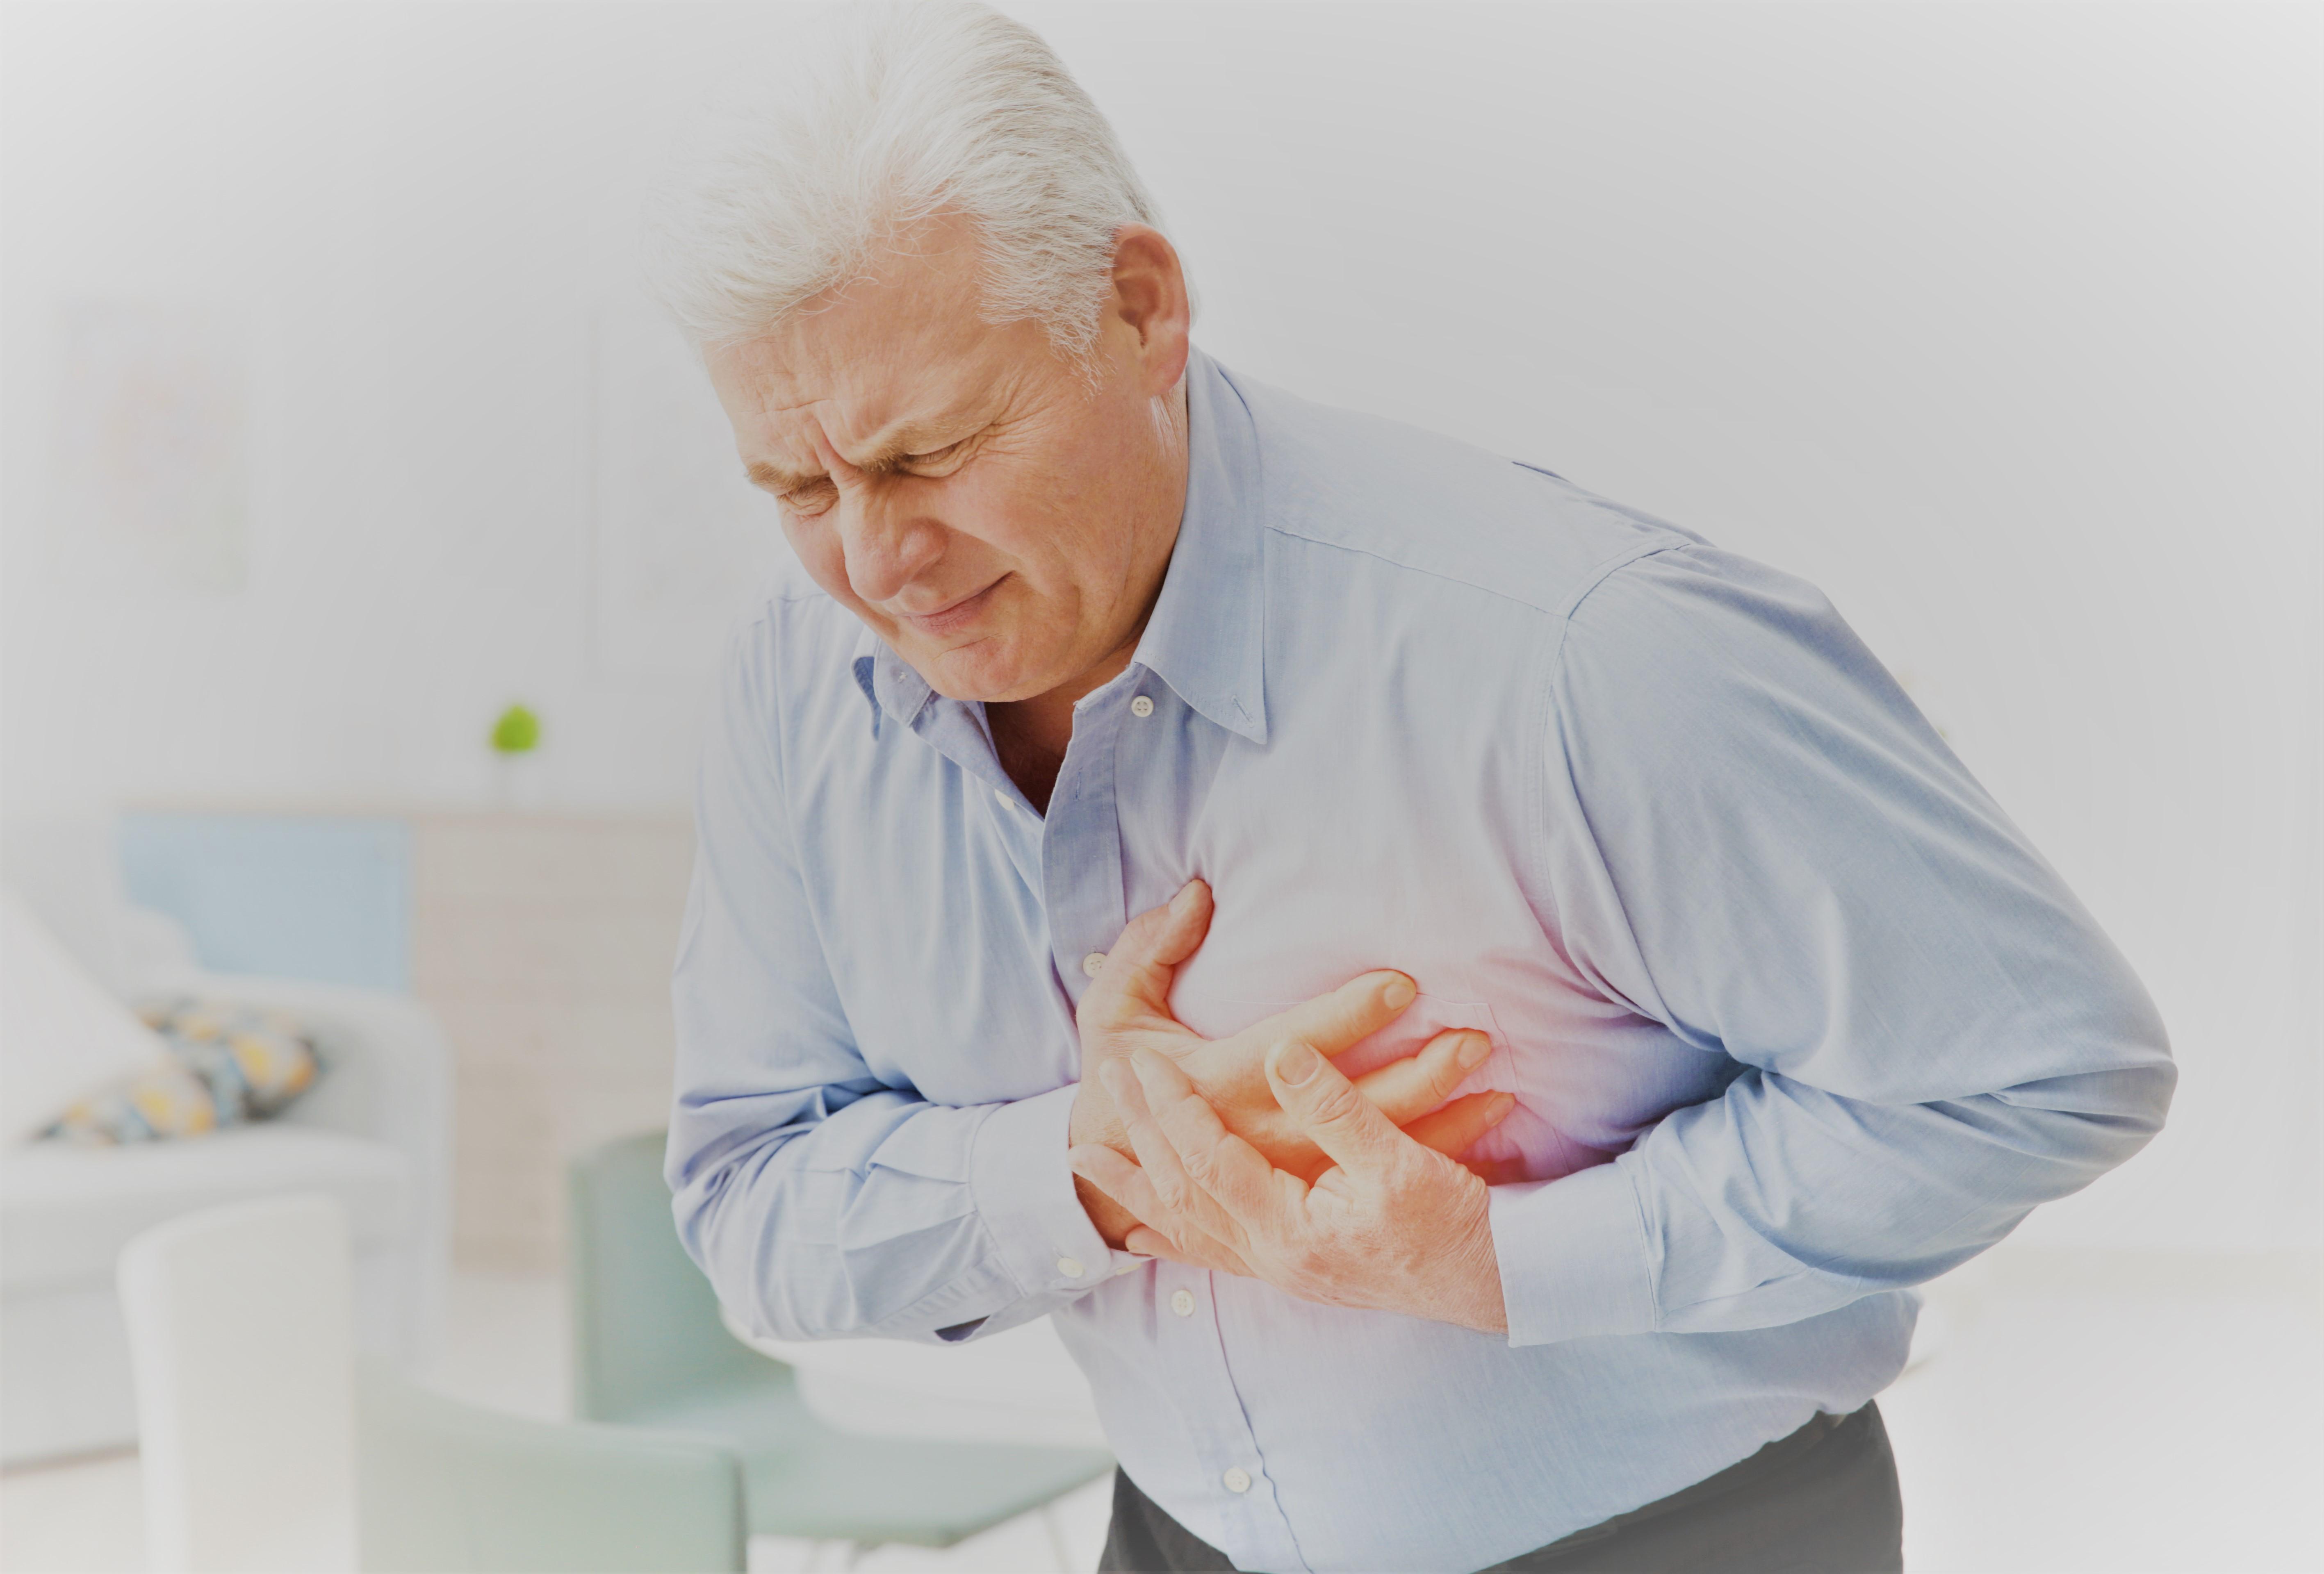 füst az ízületi fájdalomtól